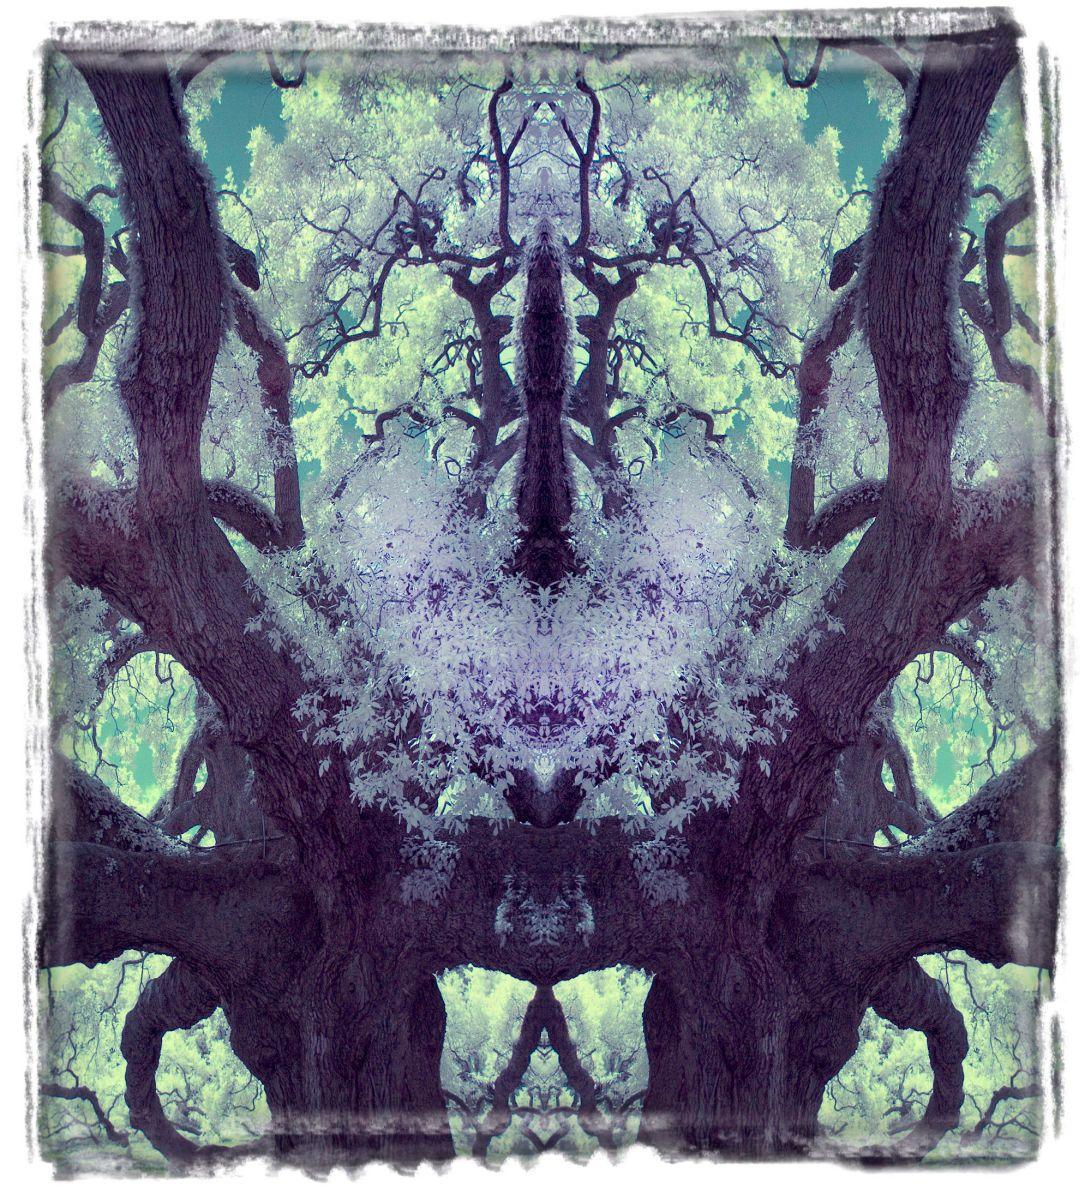 treaty oak, fl'12 3606aa